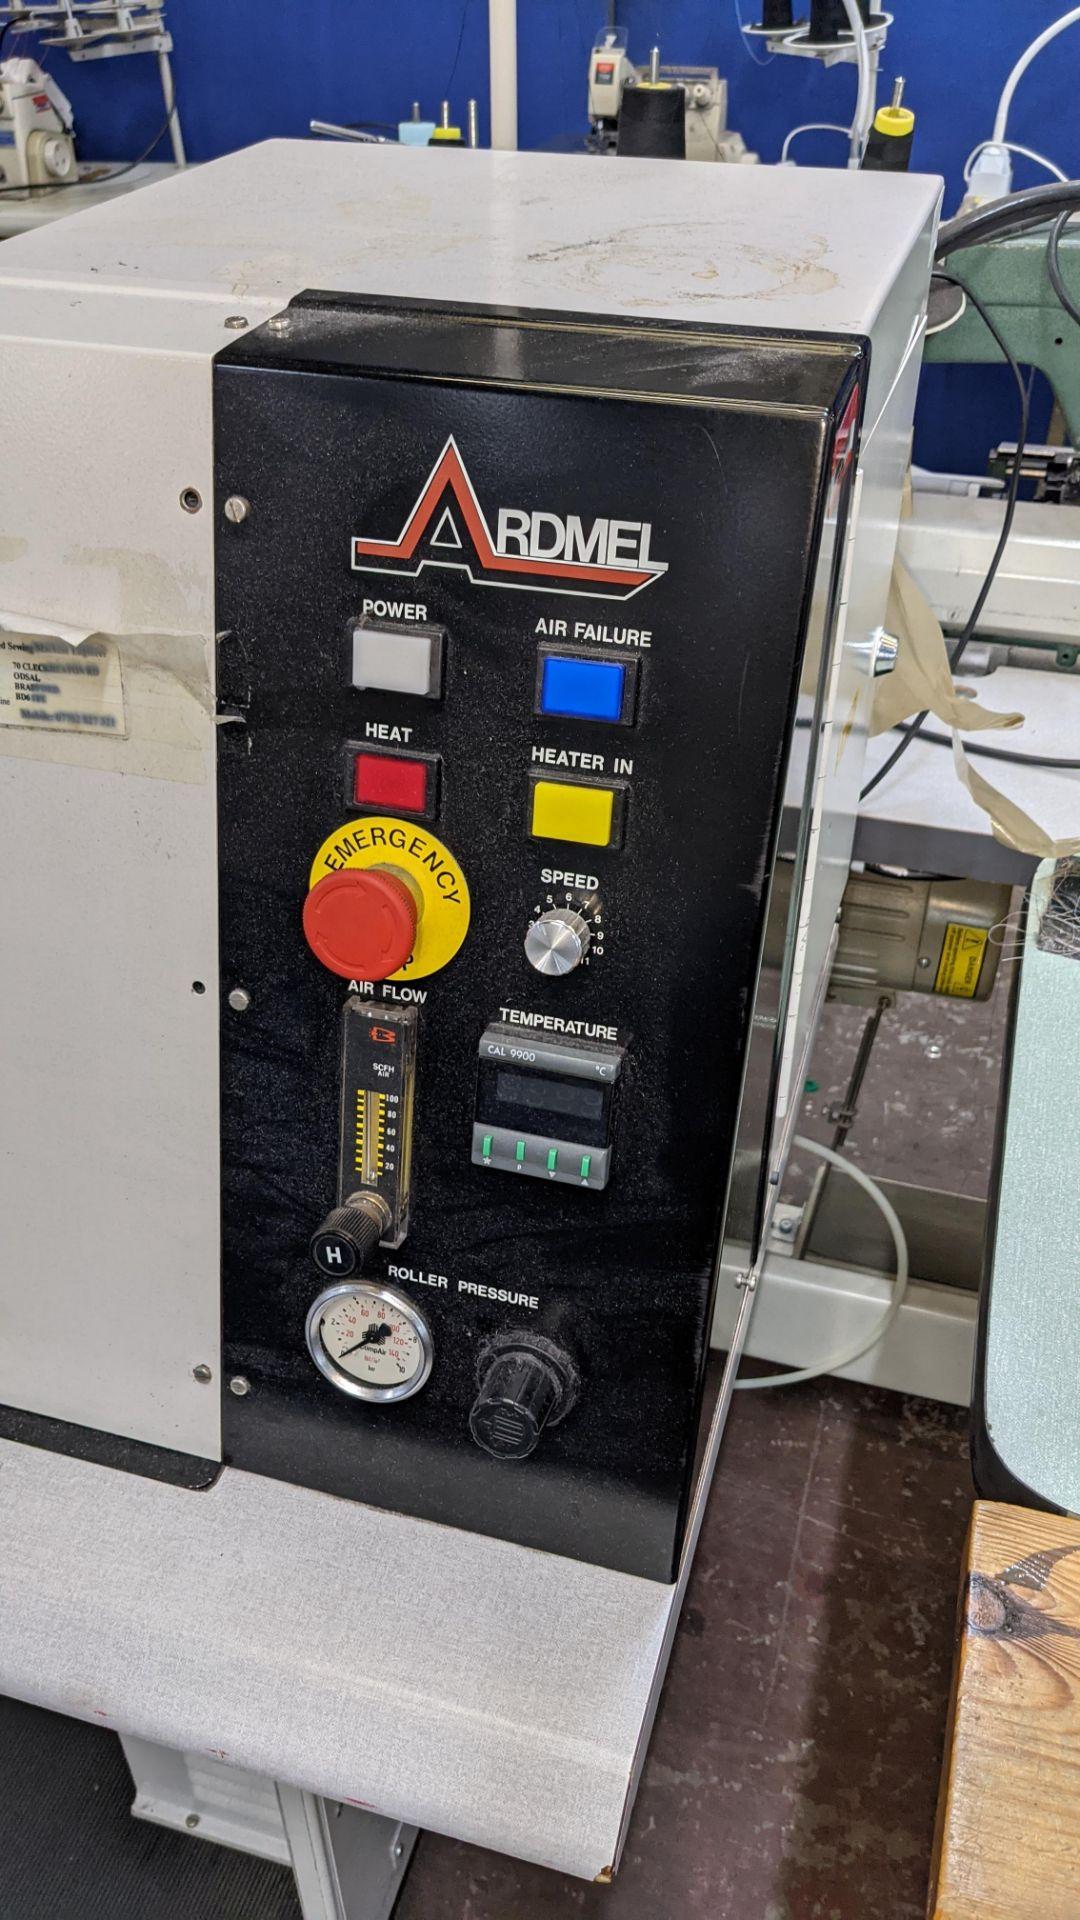 Ardmel seam sealing machine - Image 7 of 18